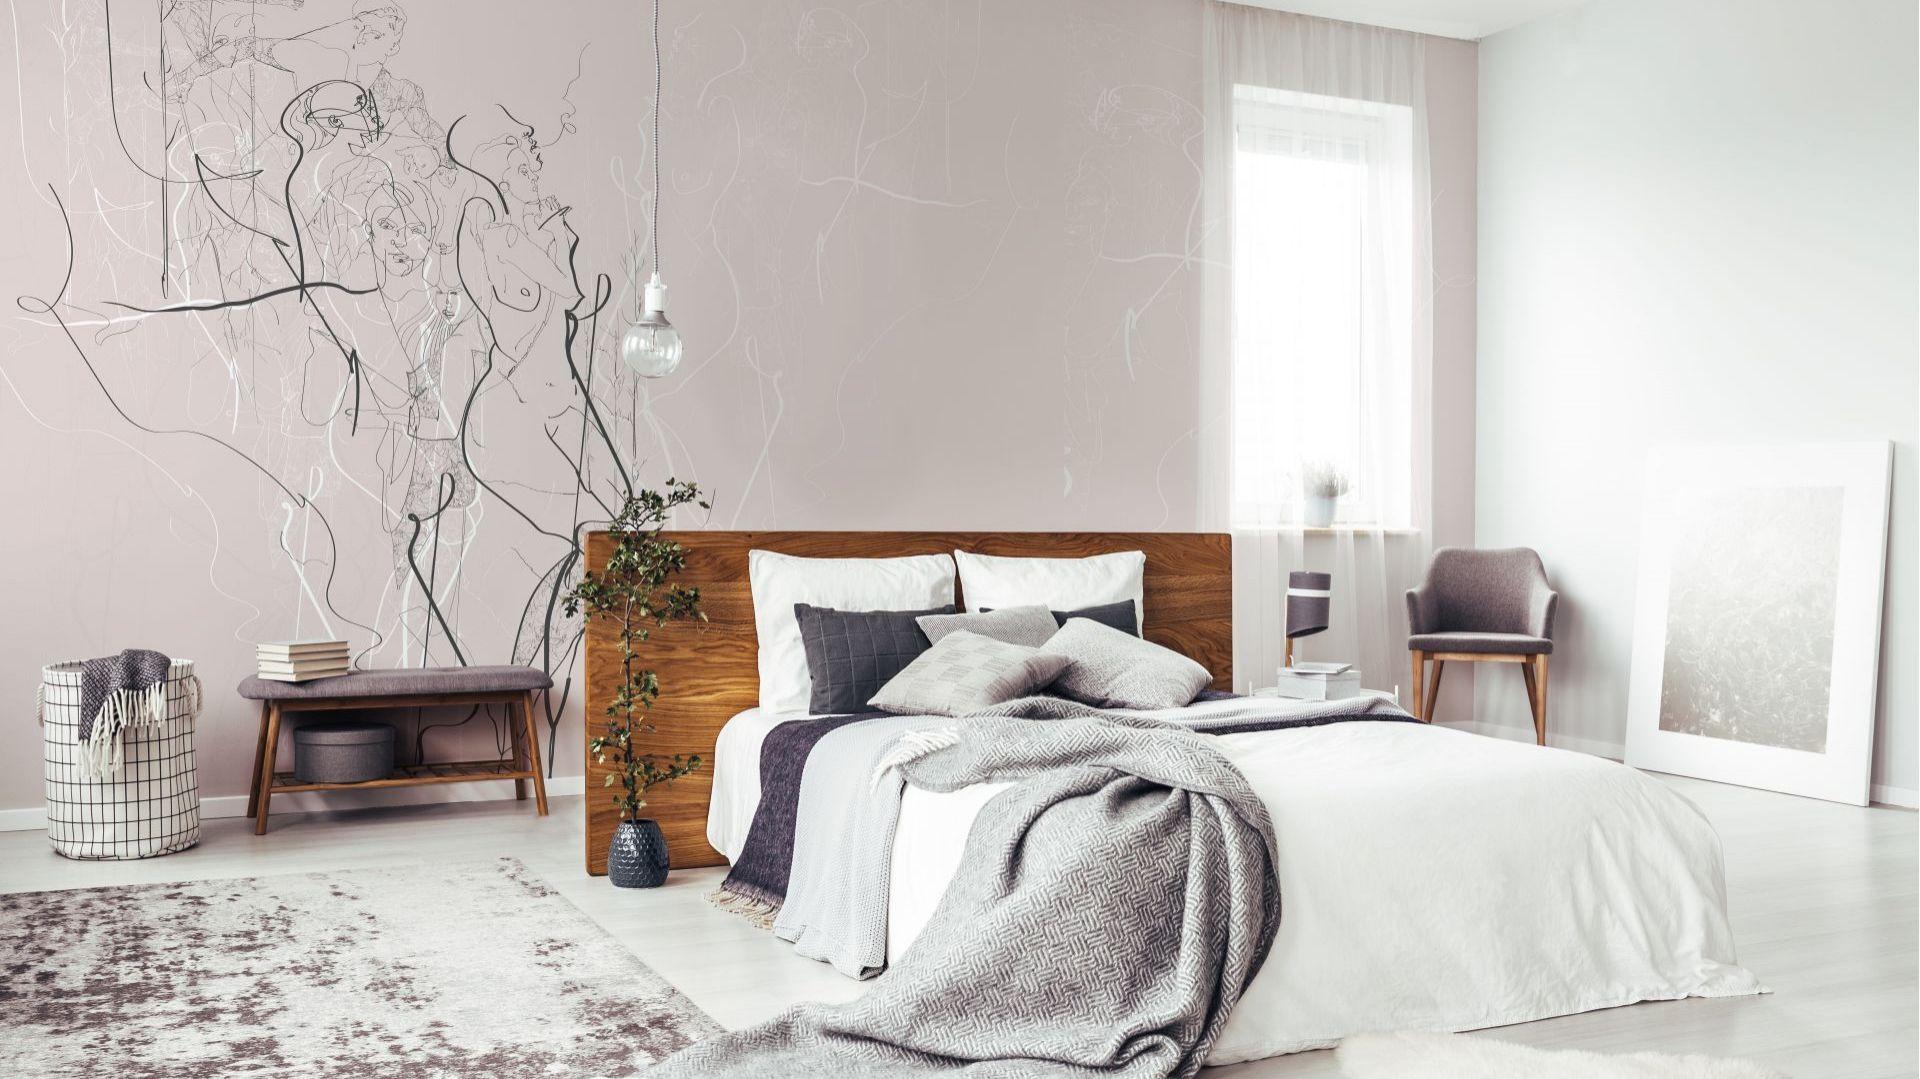 Niezwykle subtelna i zmysłowa tapeta BODY COMPOSITION stworzy w sypialni atmosferę wypoczynku i ukojenia oraz doda artystycznego sznytu. Znalazły się na niej szkice sylwetek ludzkich autorstwa doświadczonej ilustratorki Izabeli Wądołowskiej. Fot. Doubleroom